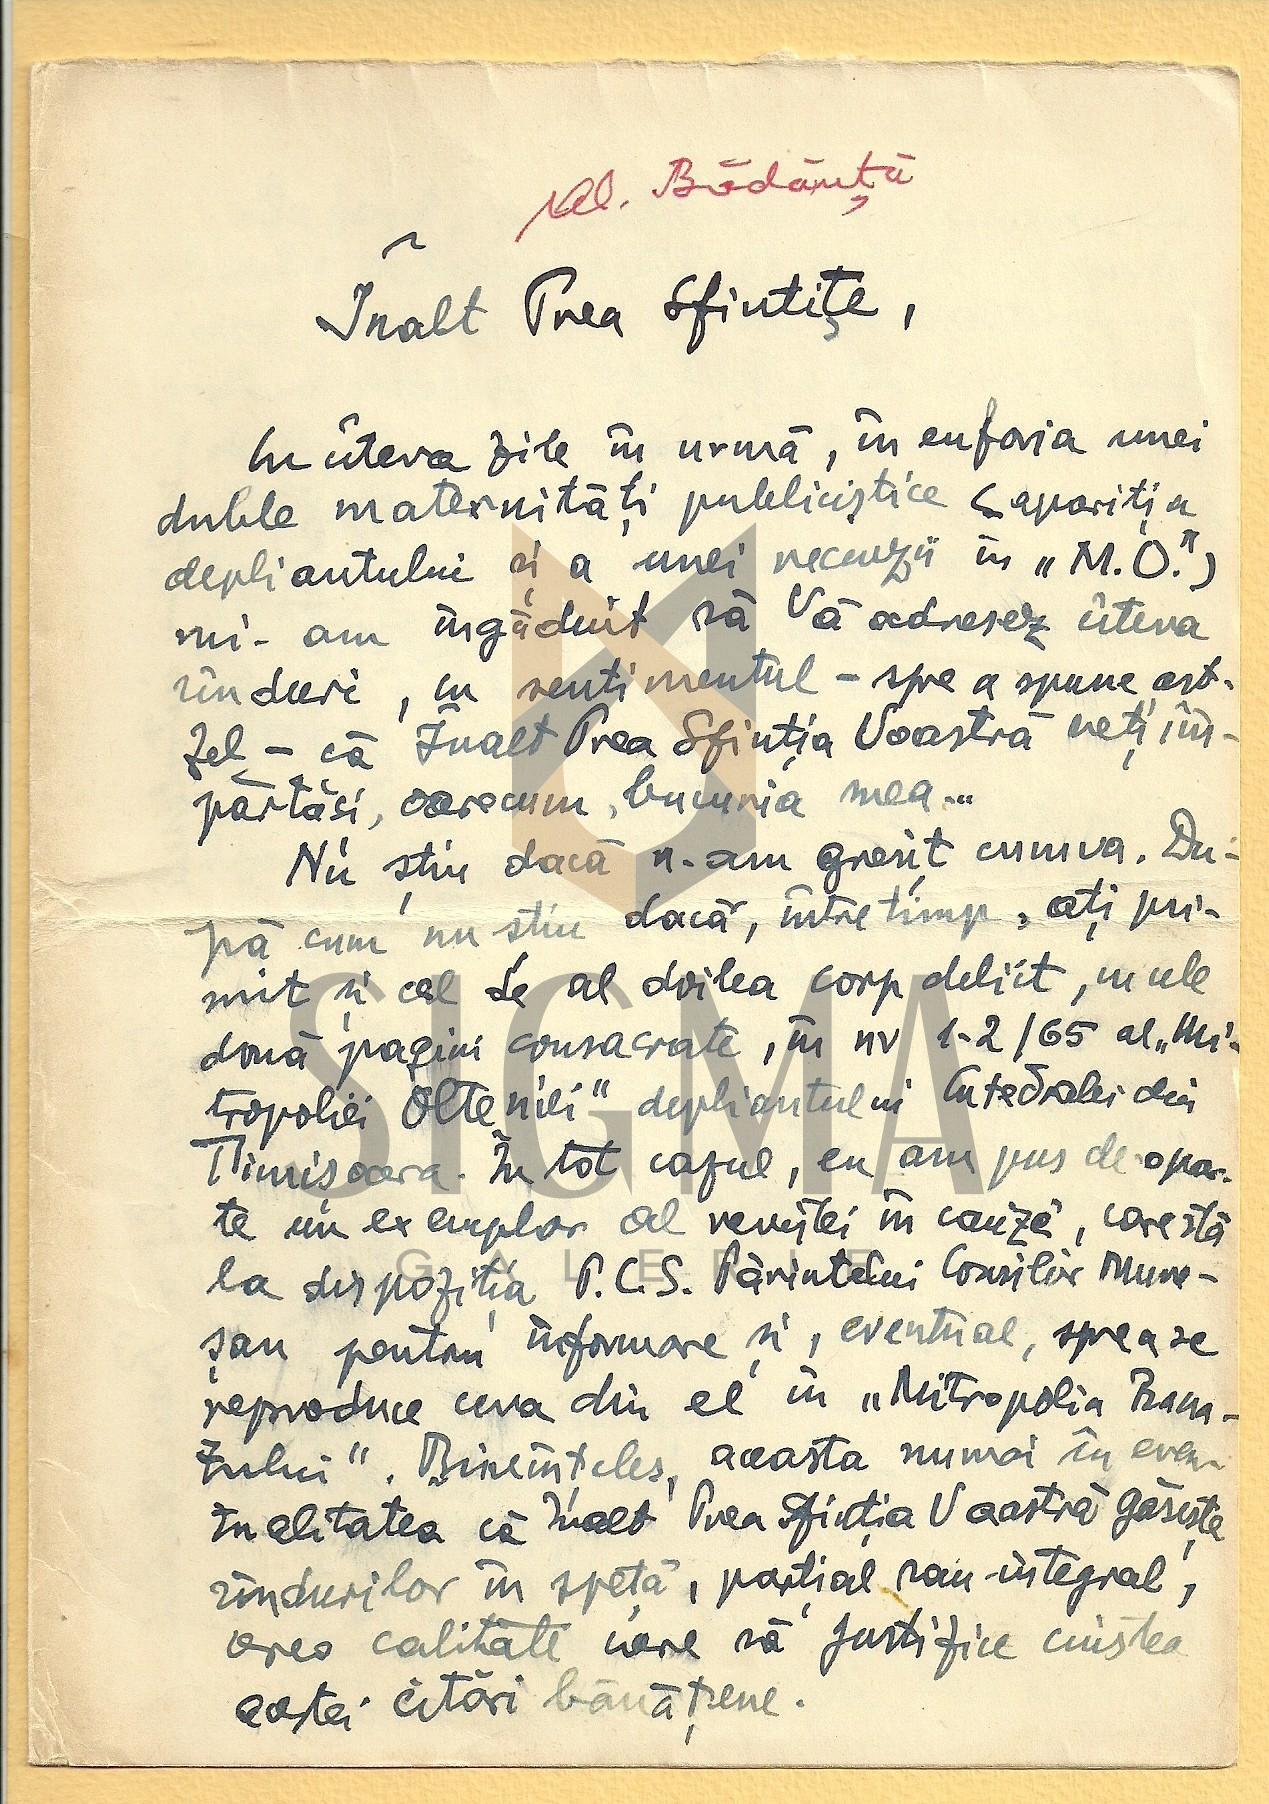 SCRISOARE,  AL. BADAUTA CATRE PREOTUL I. MURESANNU, 3 XII 1974